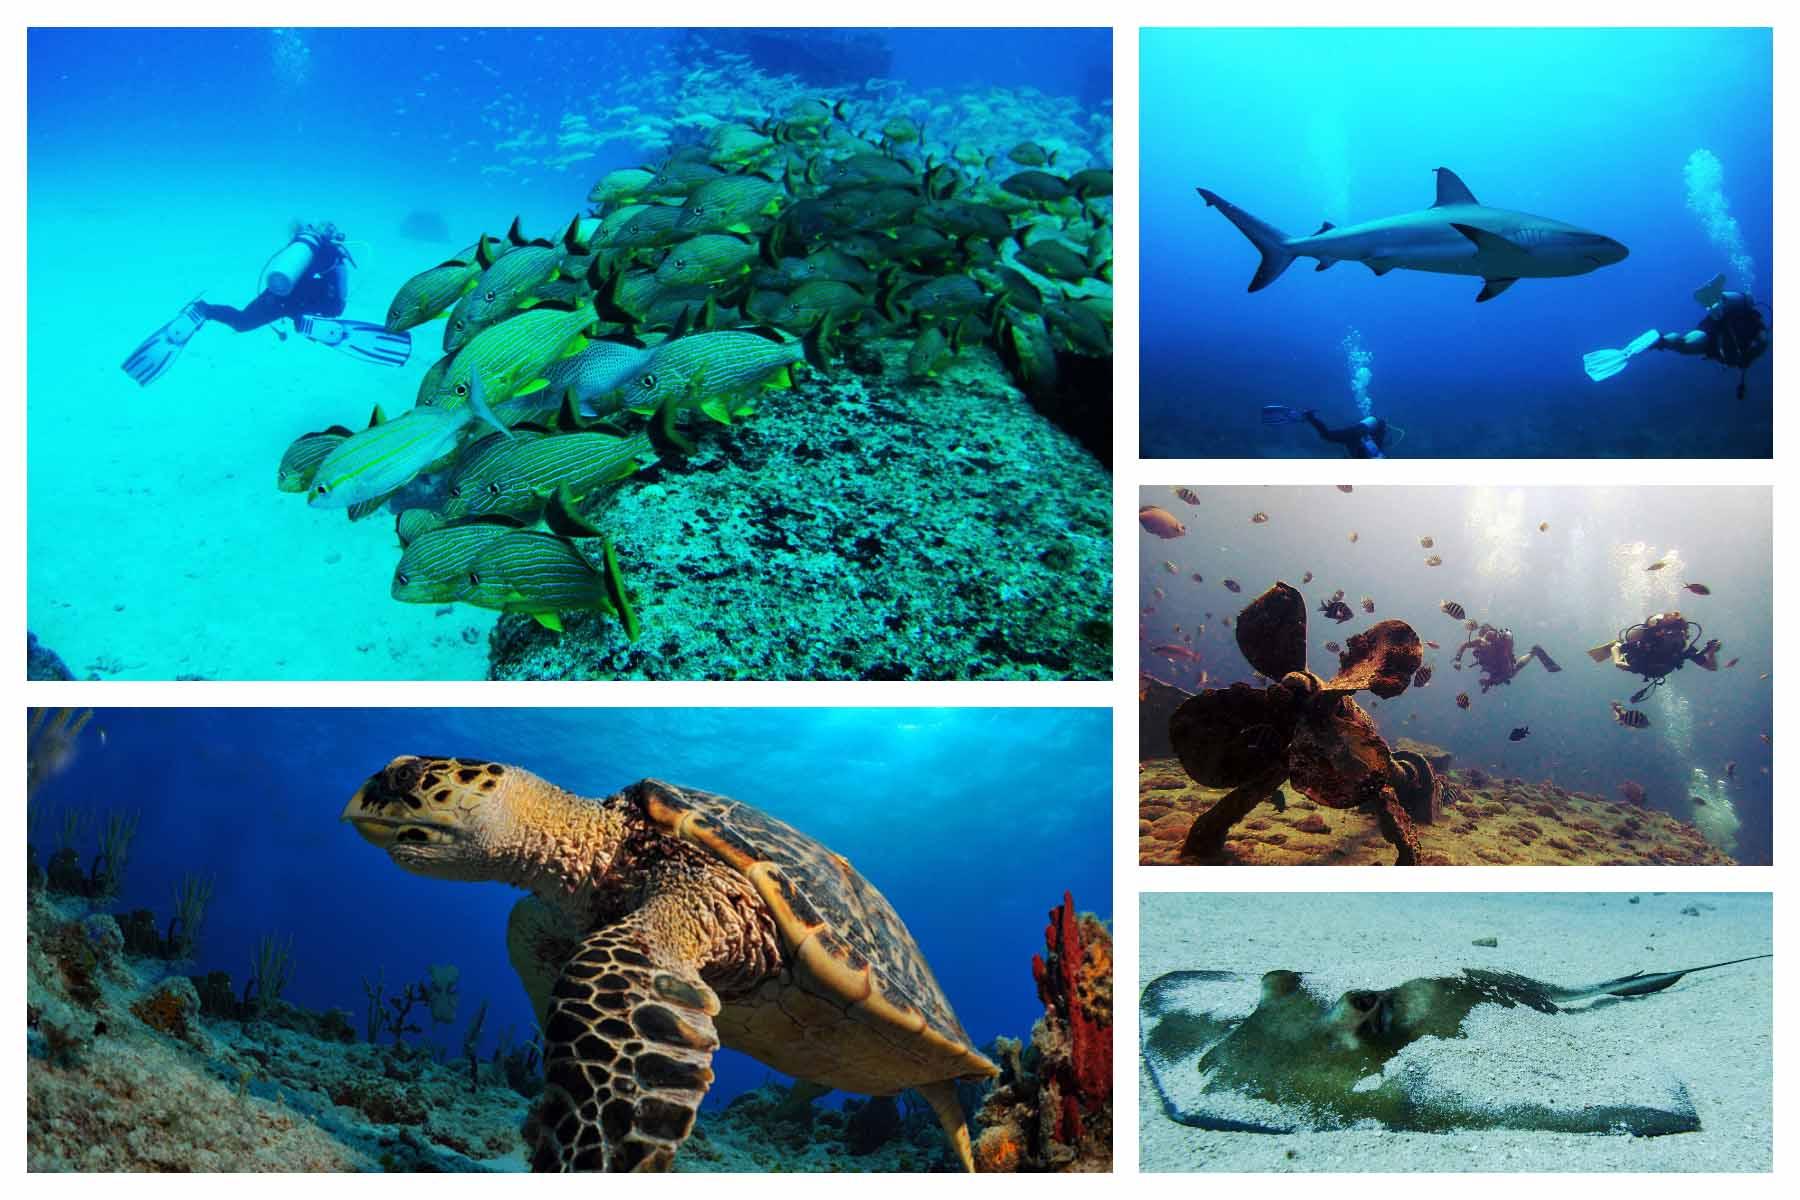 Dive Sint Maarten - WORLD CLASS DIVING SXM - Scuba diving on St. Martin / St. Maarten. Friendly, professional and certified instruction.